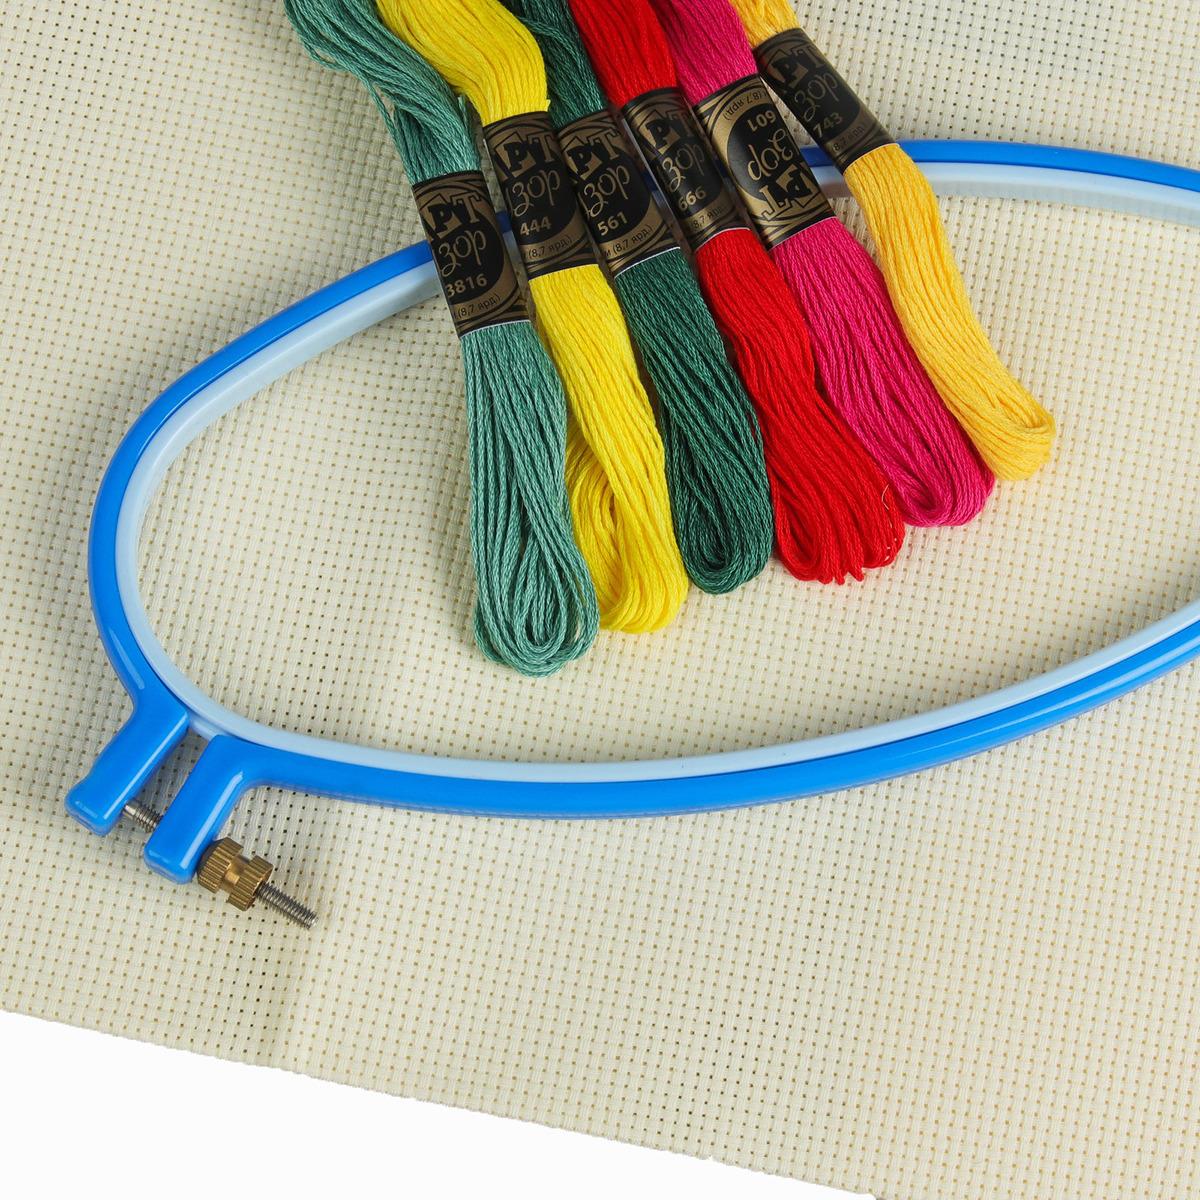 Набор для вышивания нитками, 3943610, 8 предметов все цены